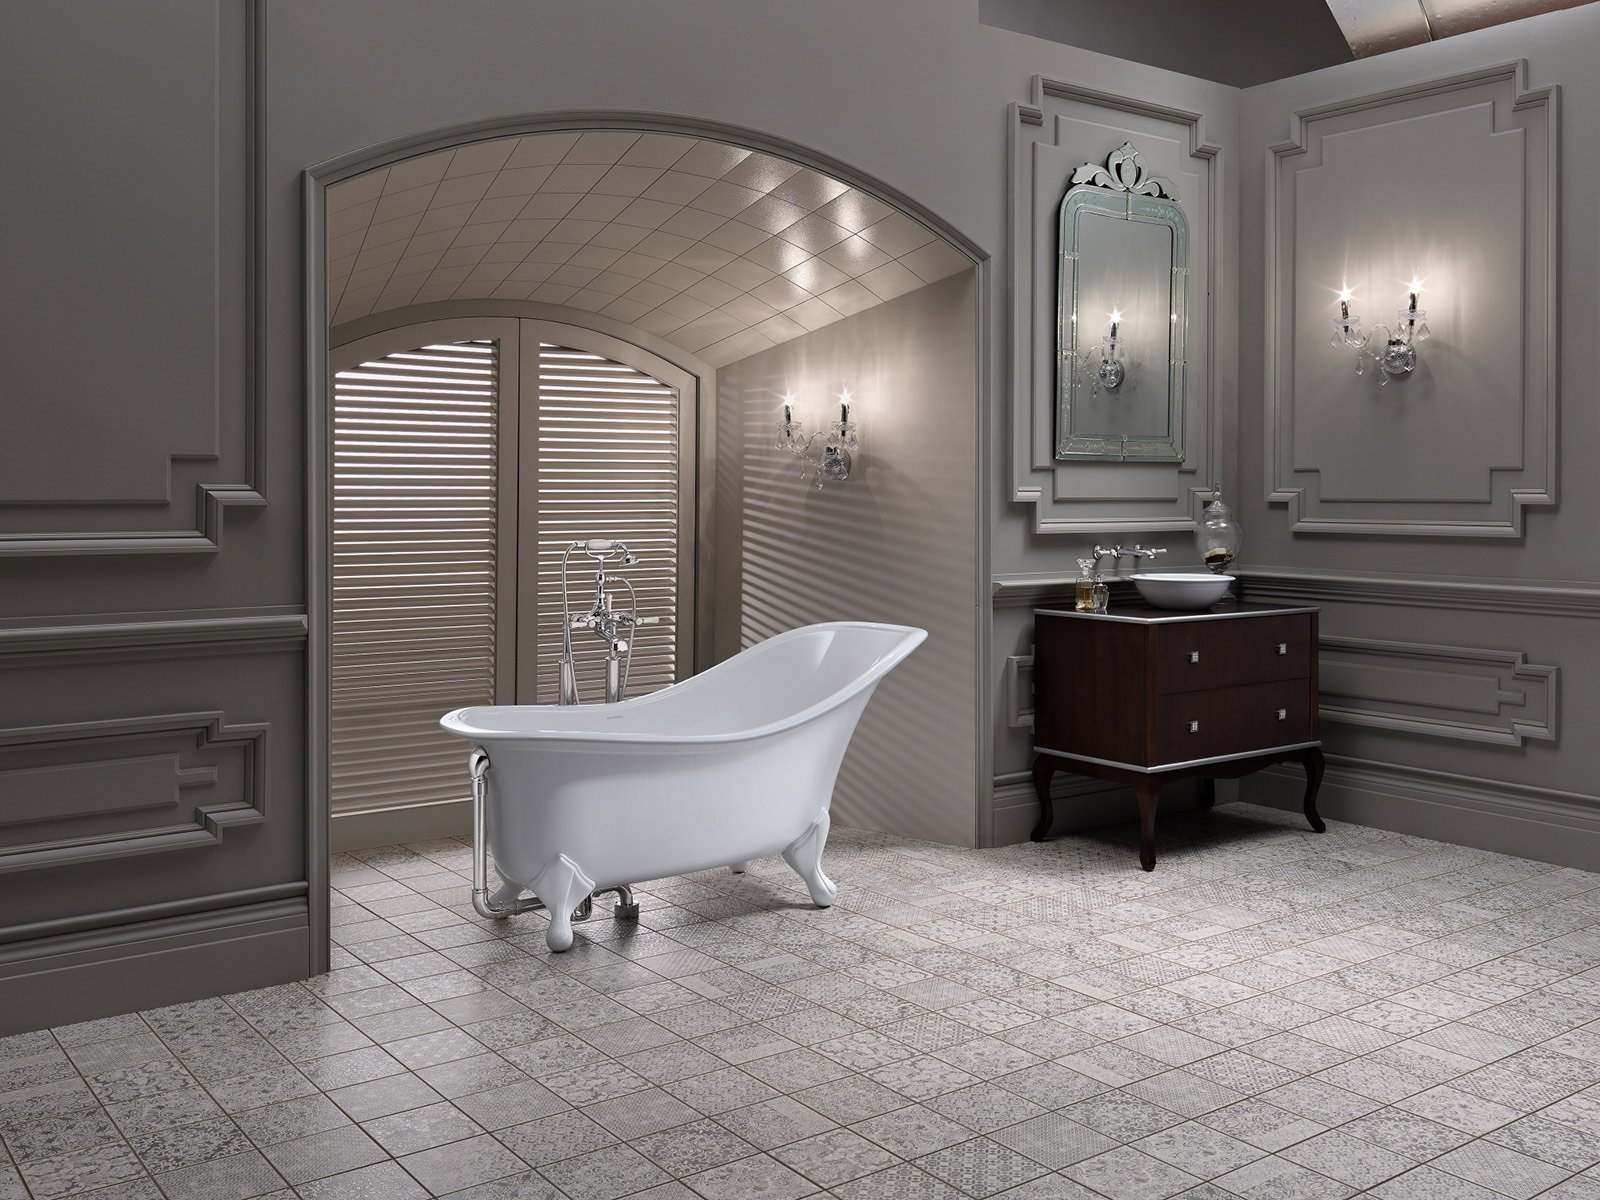 Design week 2014 la vasca da bagno esce dall 39 anonimato for Design della casa di 750 piedi quadrati